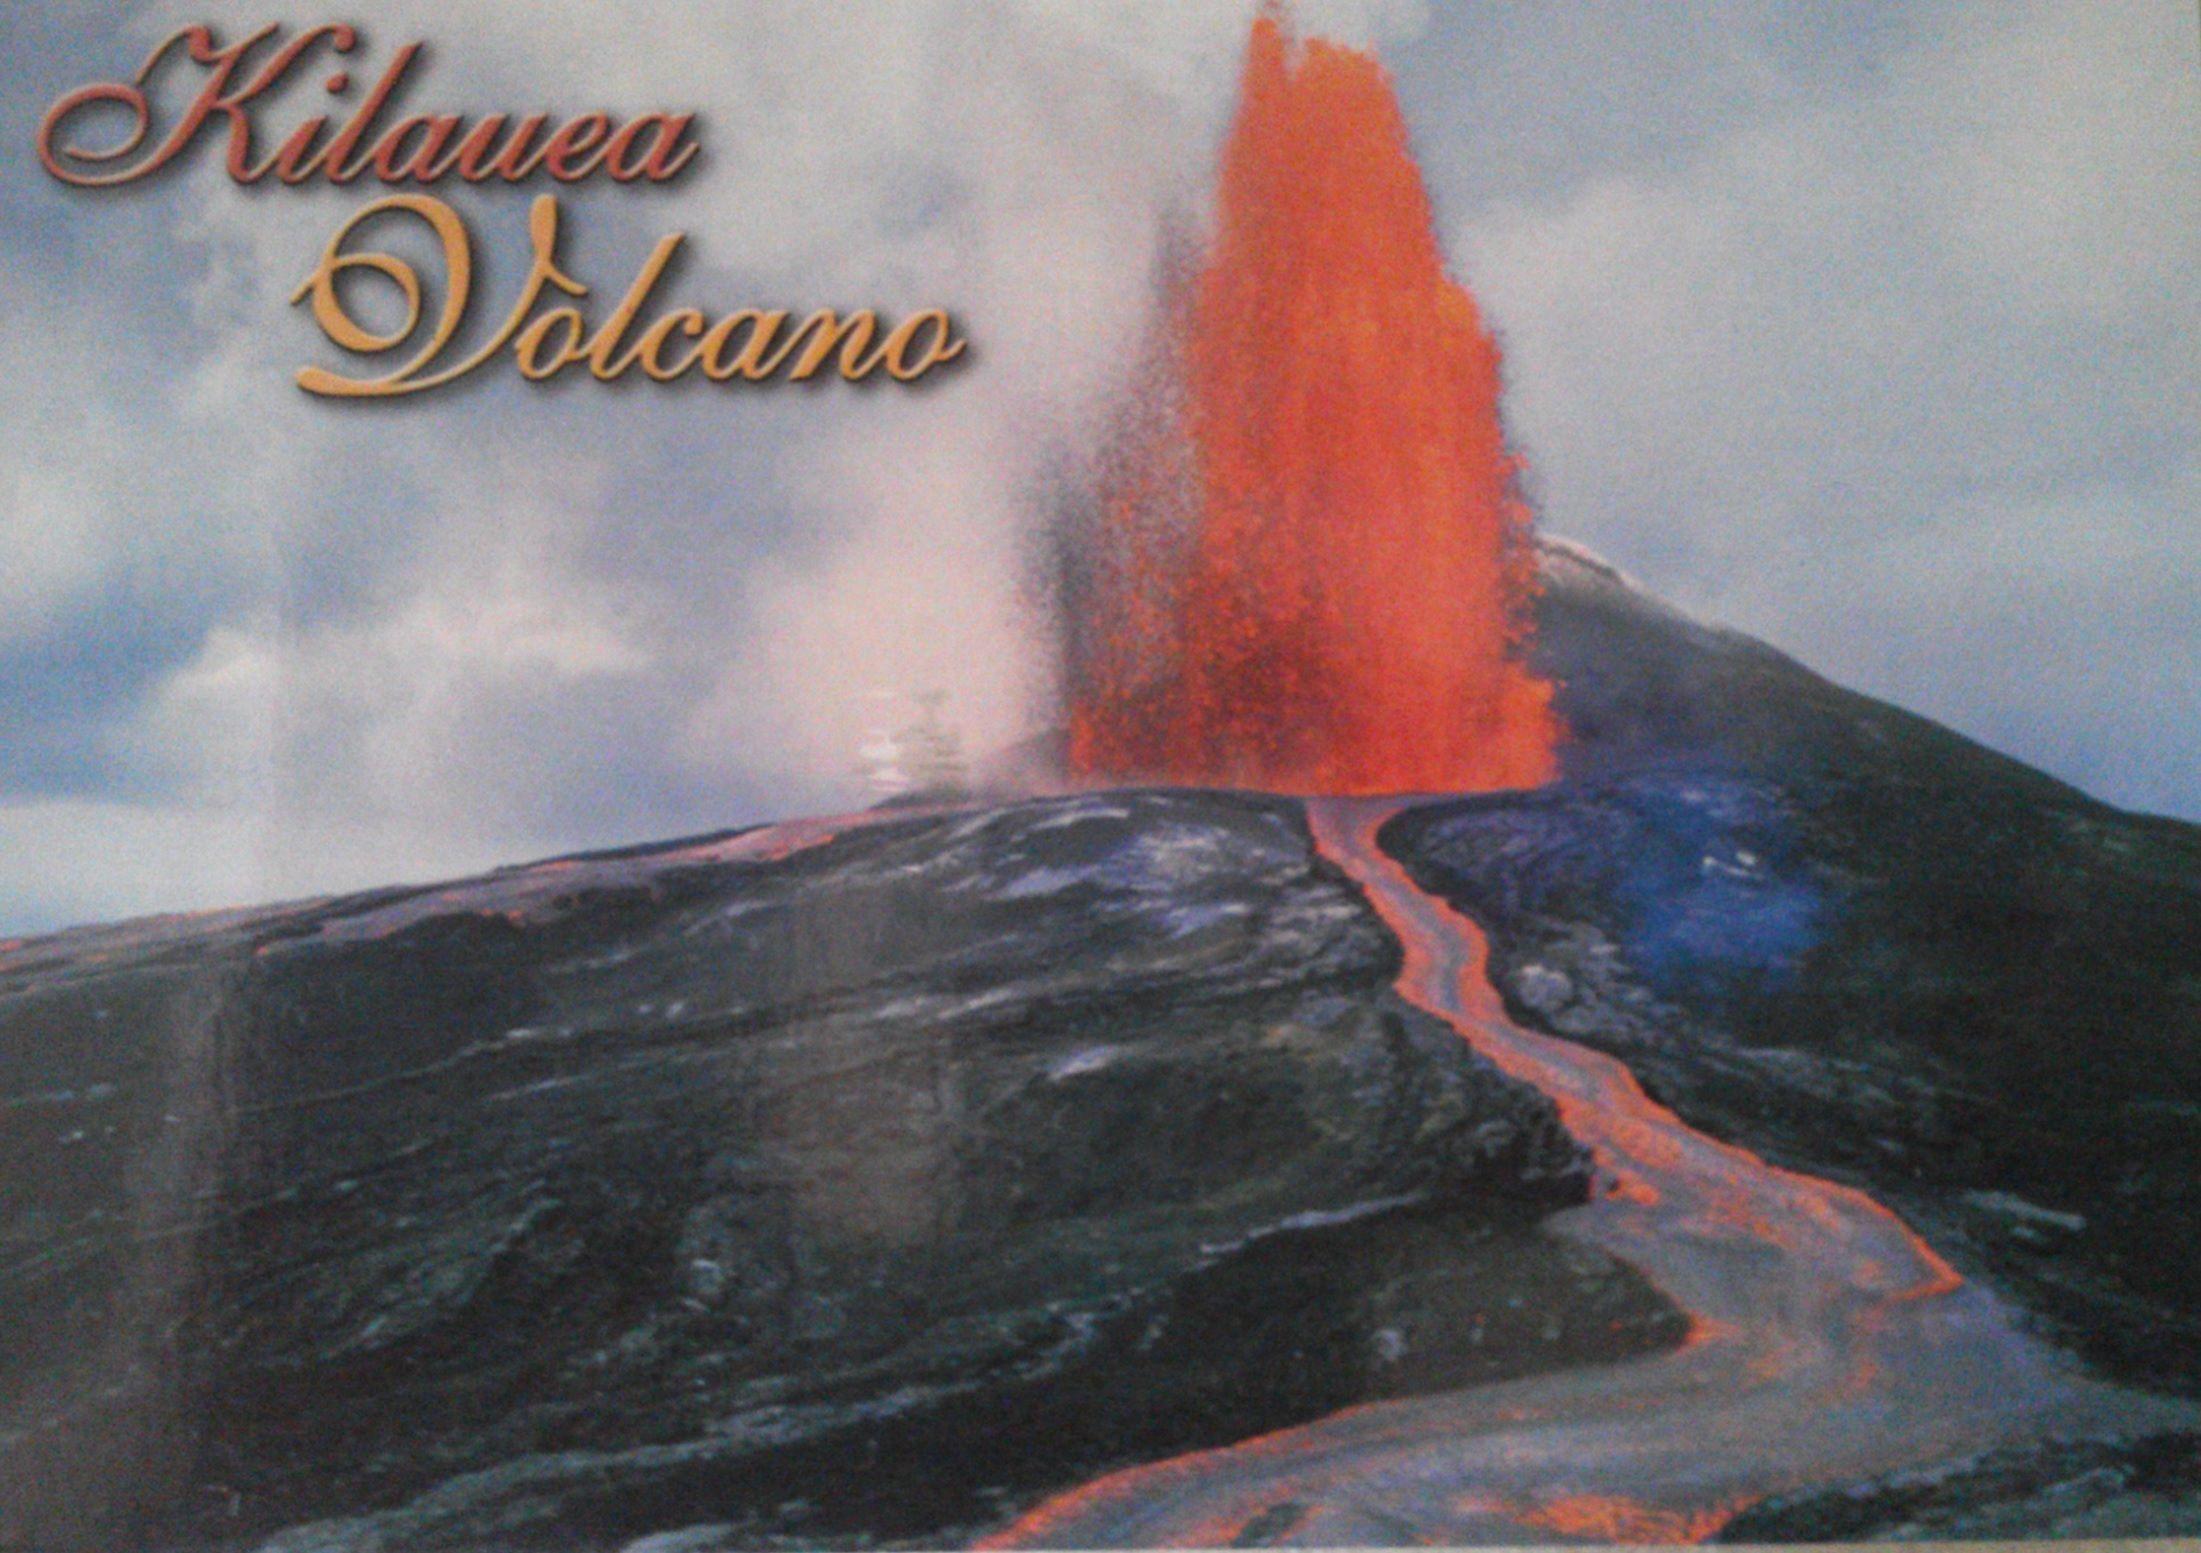 Kilauea Hawaii Kilauea Volcano Hawaii Usa Postcardswapific Kilauea Kilauea Volcano Hawaii